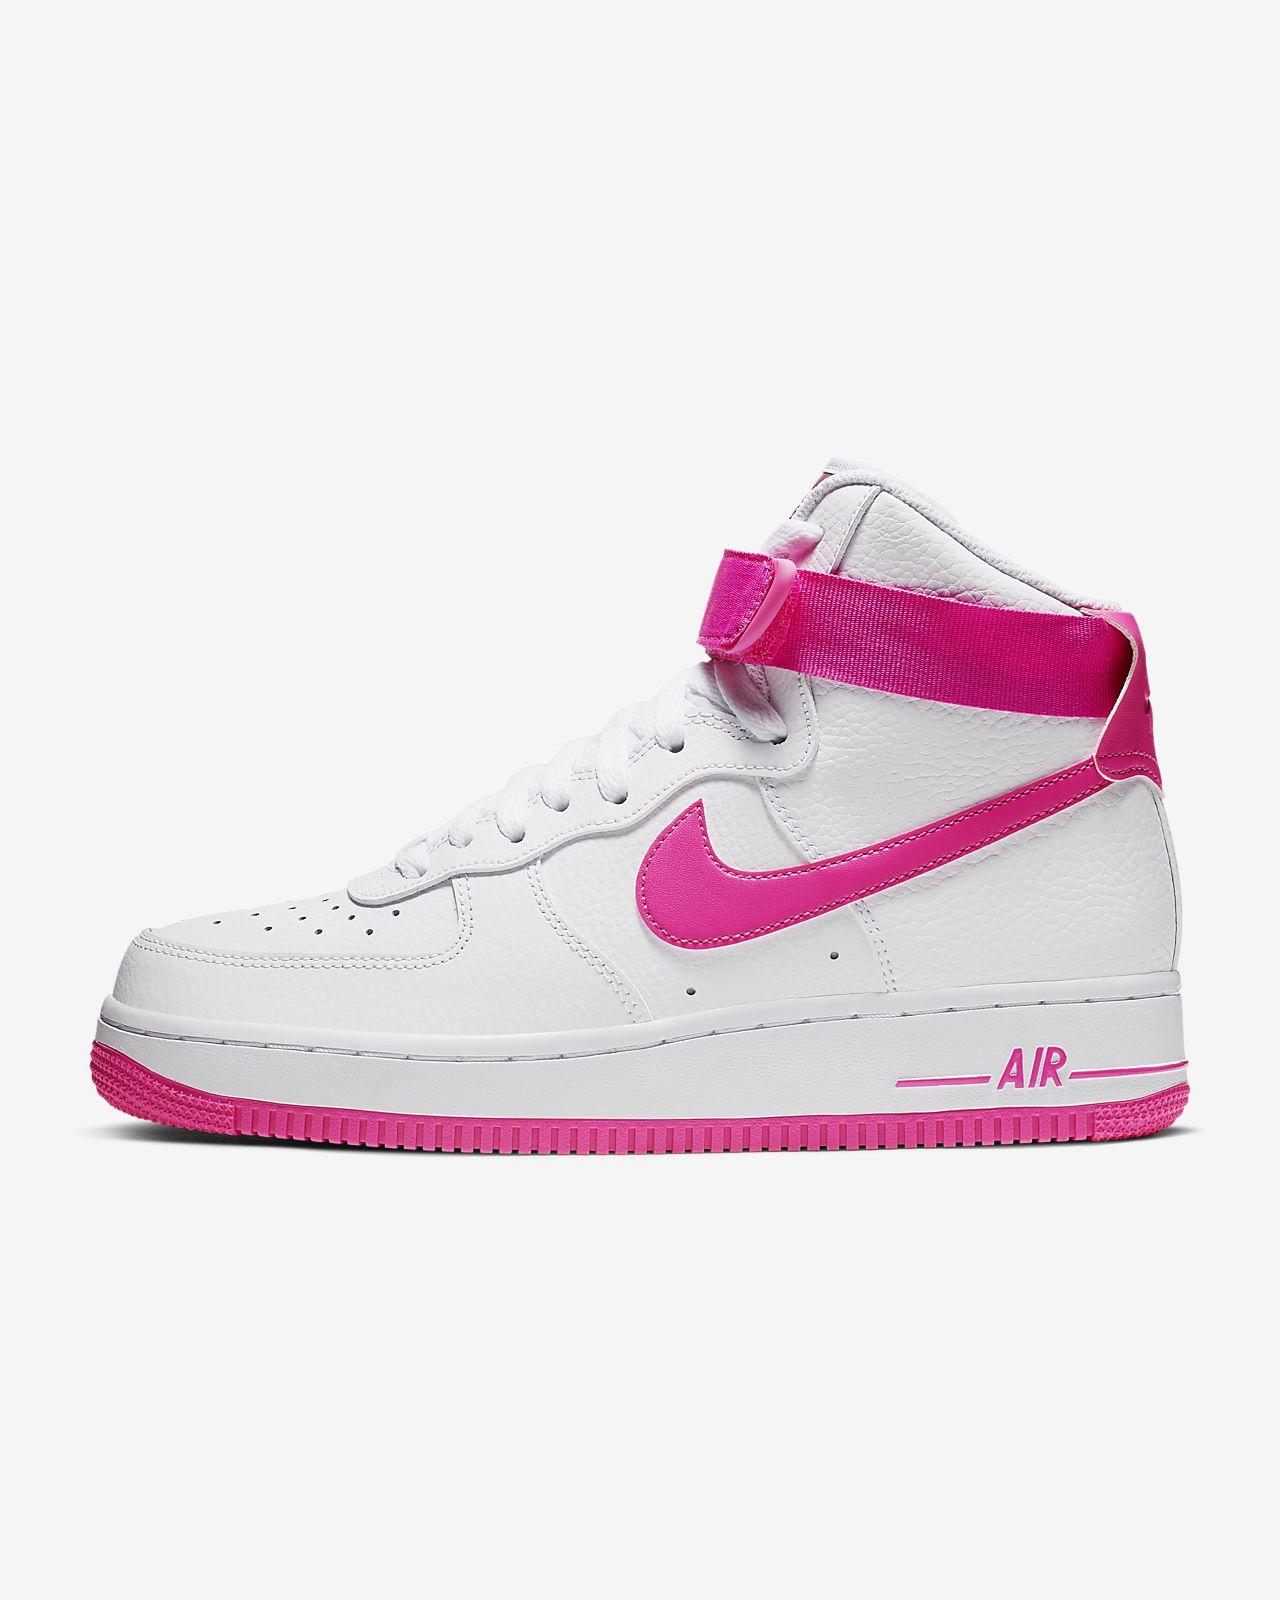 Dámská bota Nike Air Force 1 High 08 LE